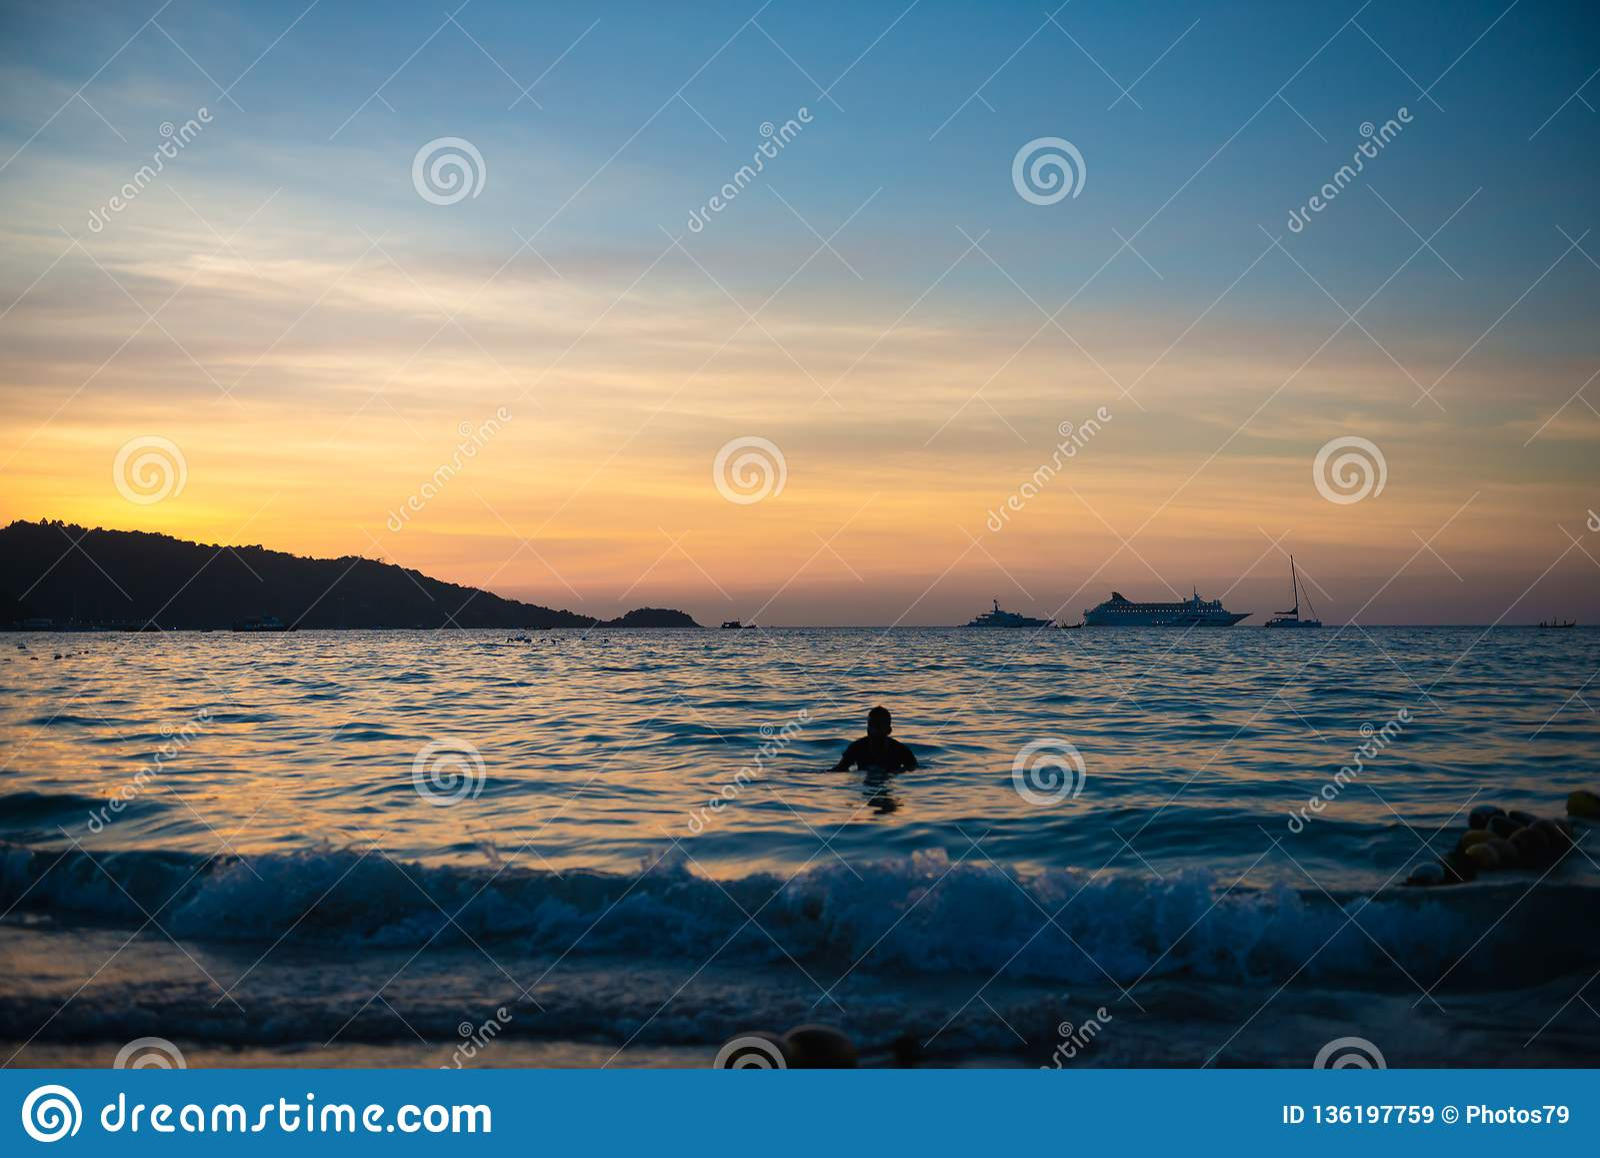 Άτομο που κολυμπά στη θάλασσα μετά από το ηλιοβασίλεμα